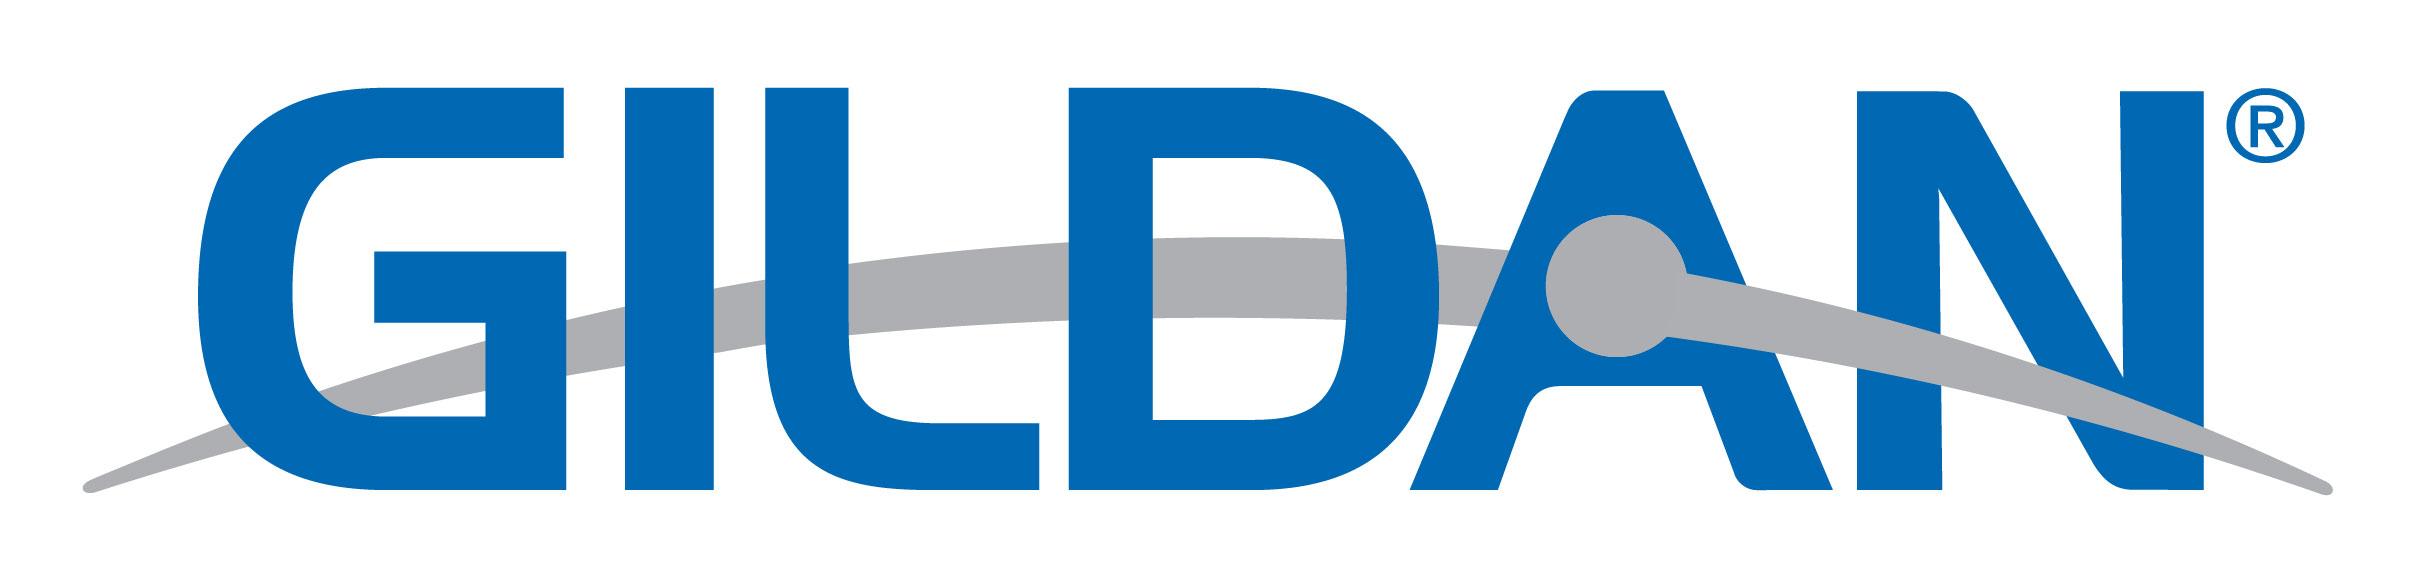 gildan-logo-01.jpg